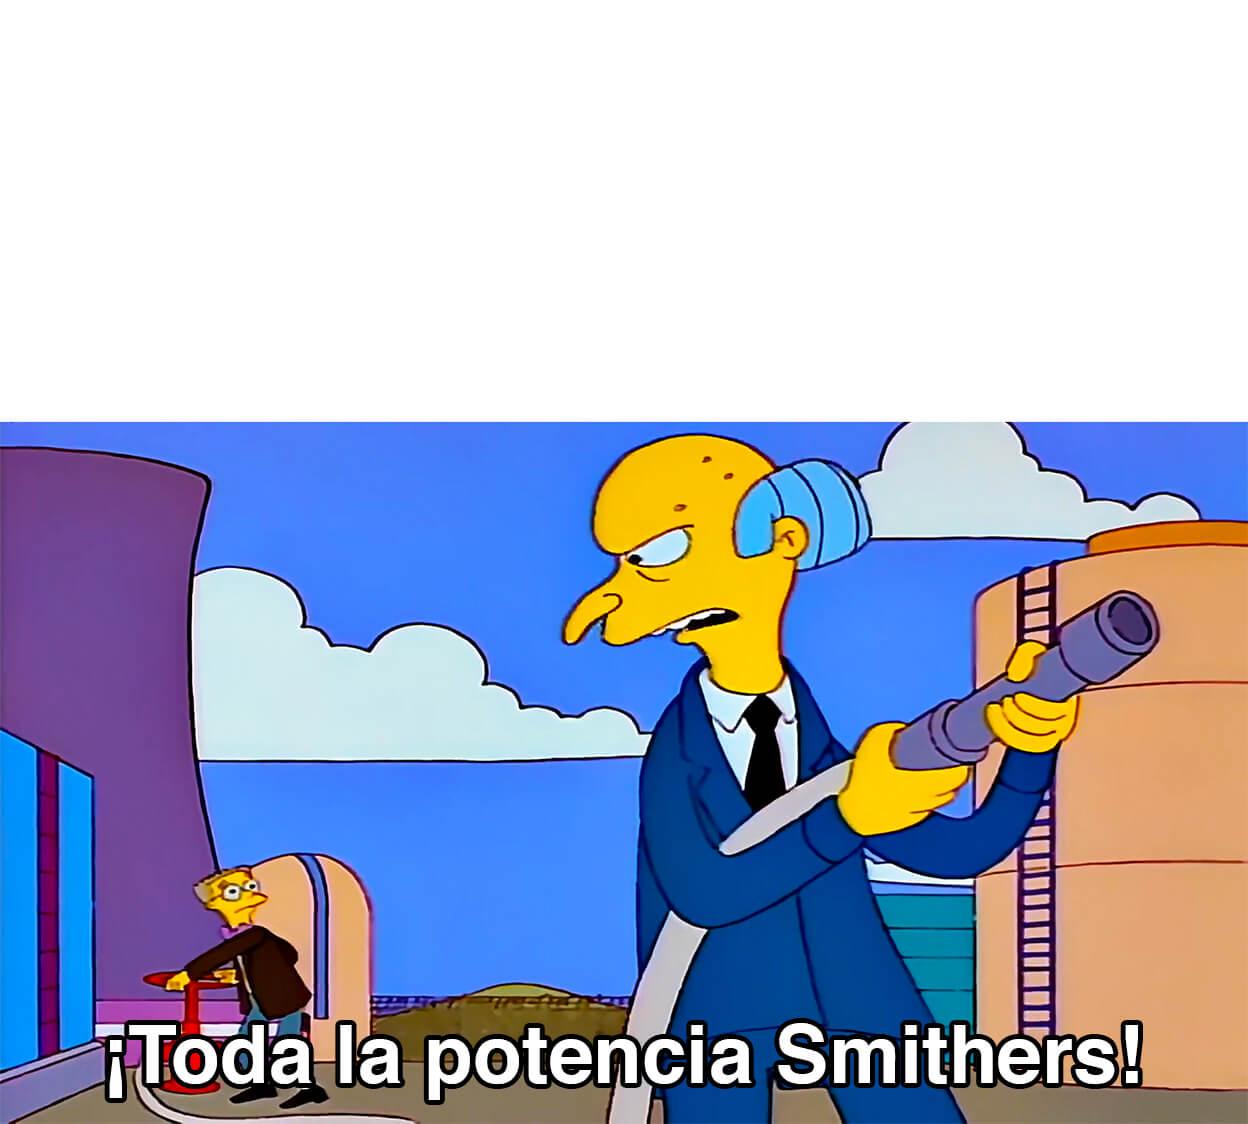 Plantilla de Toda la potencia Smithers